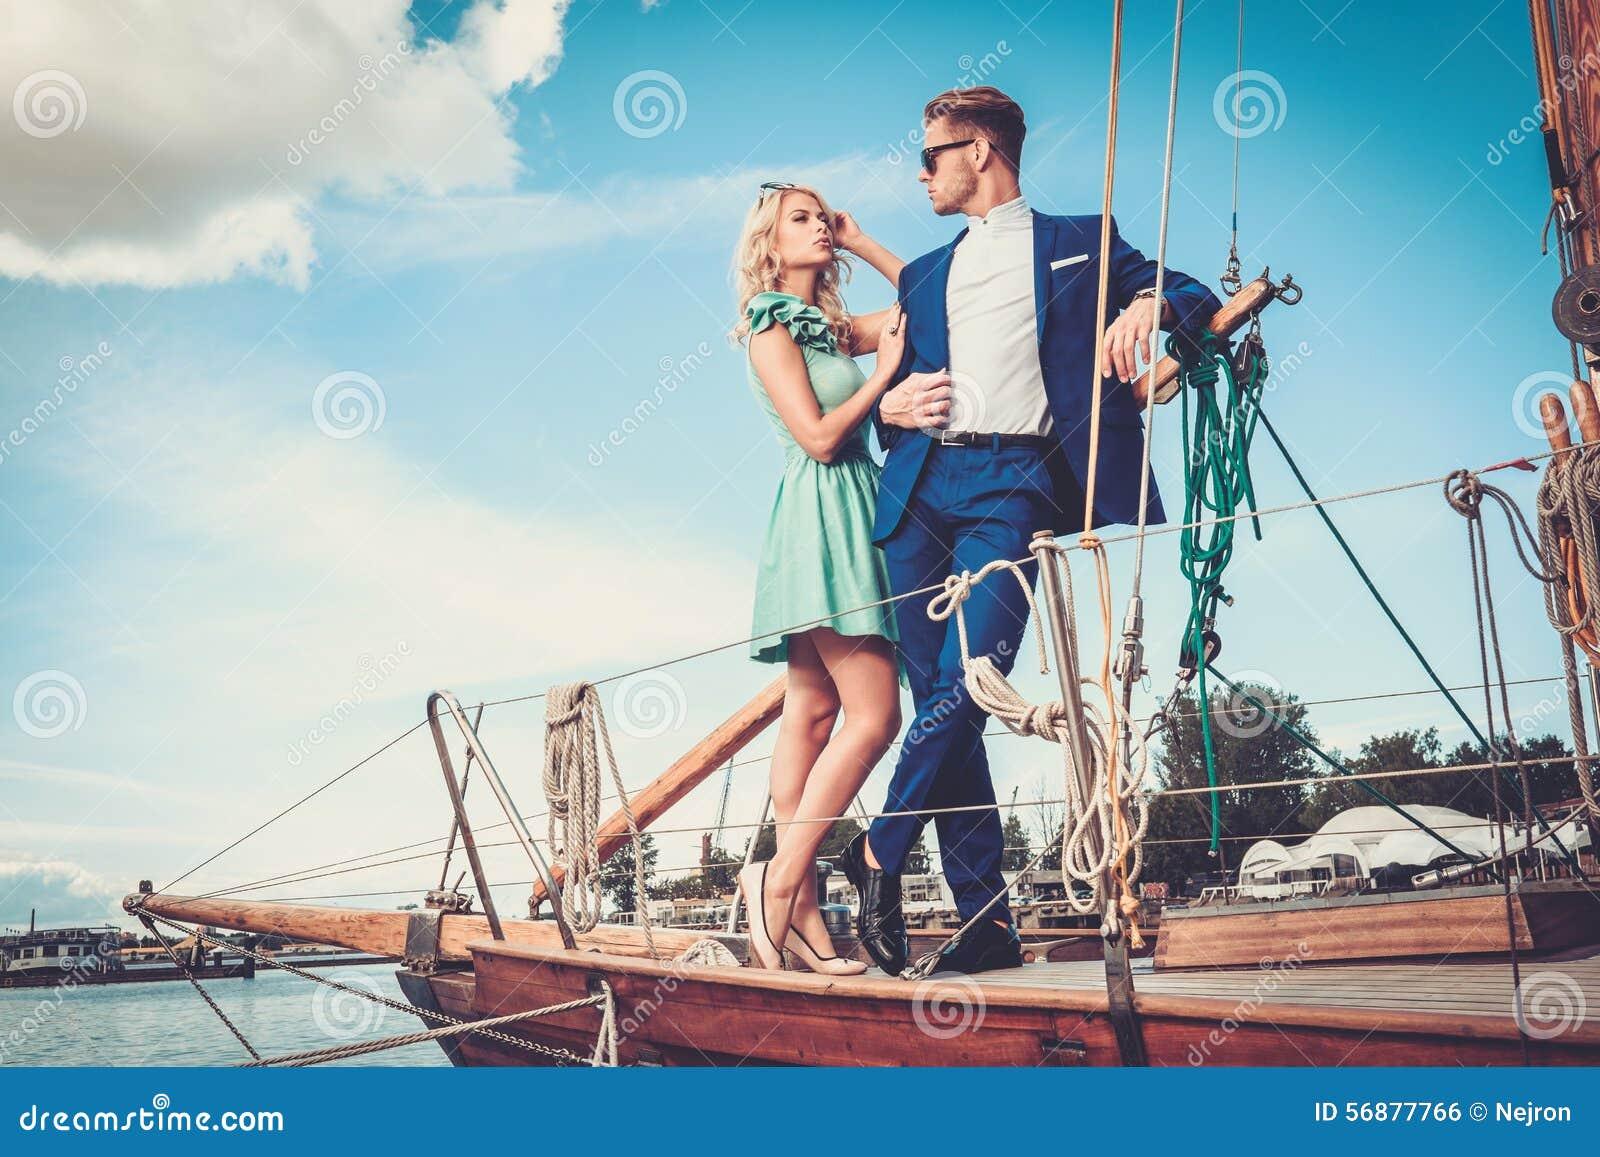 Coppie alla moda su un yacht